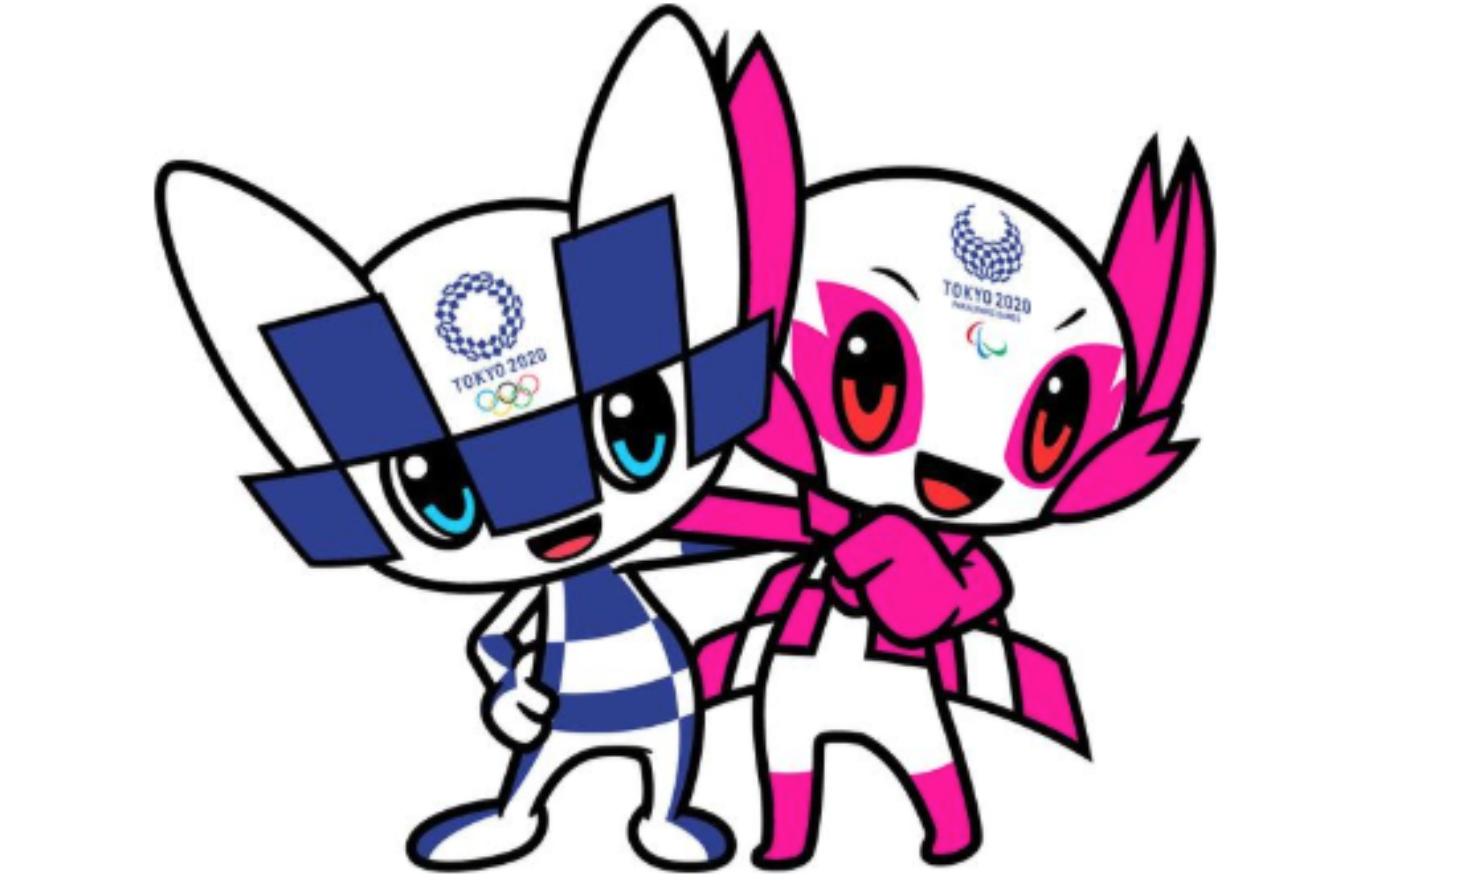 早餐11.7| 中国奥委会发布东京奥运票务规则 当代明诚前三季度营收13.54亿元